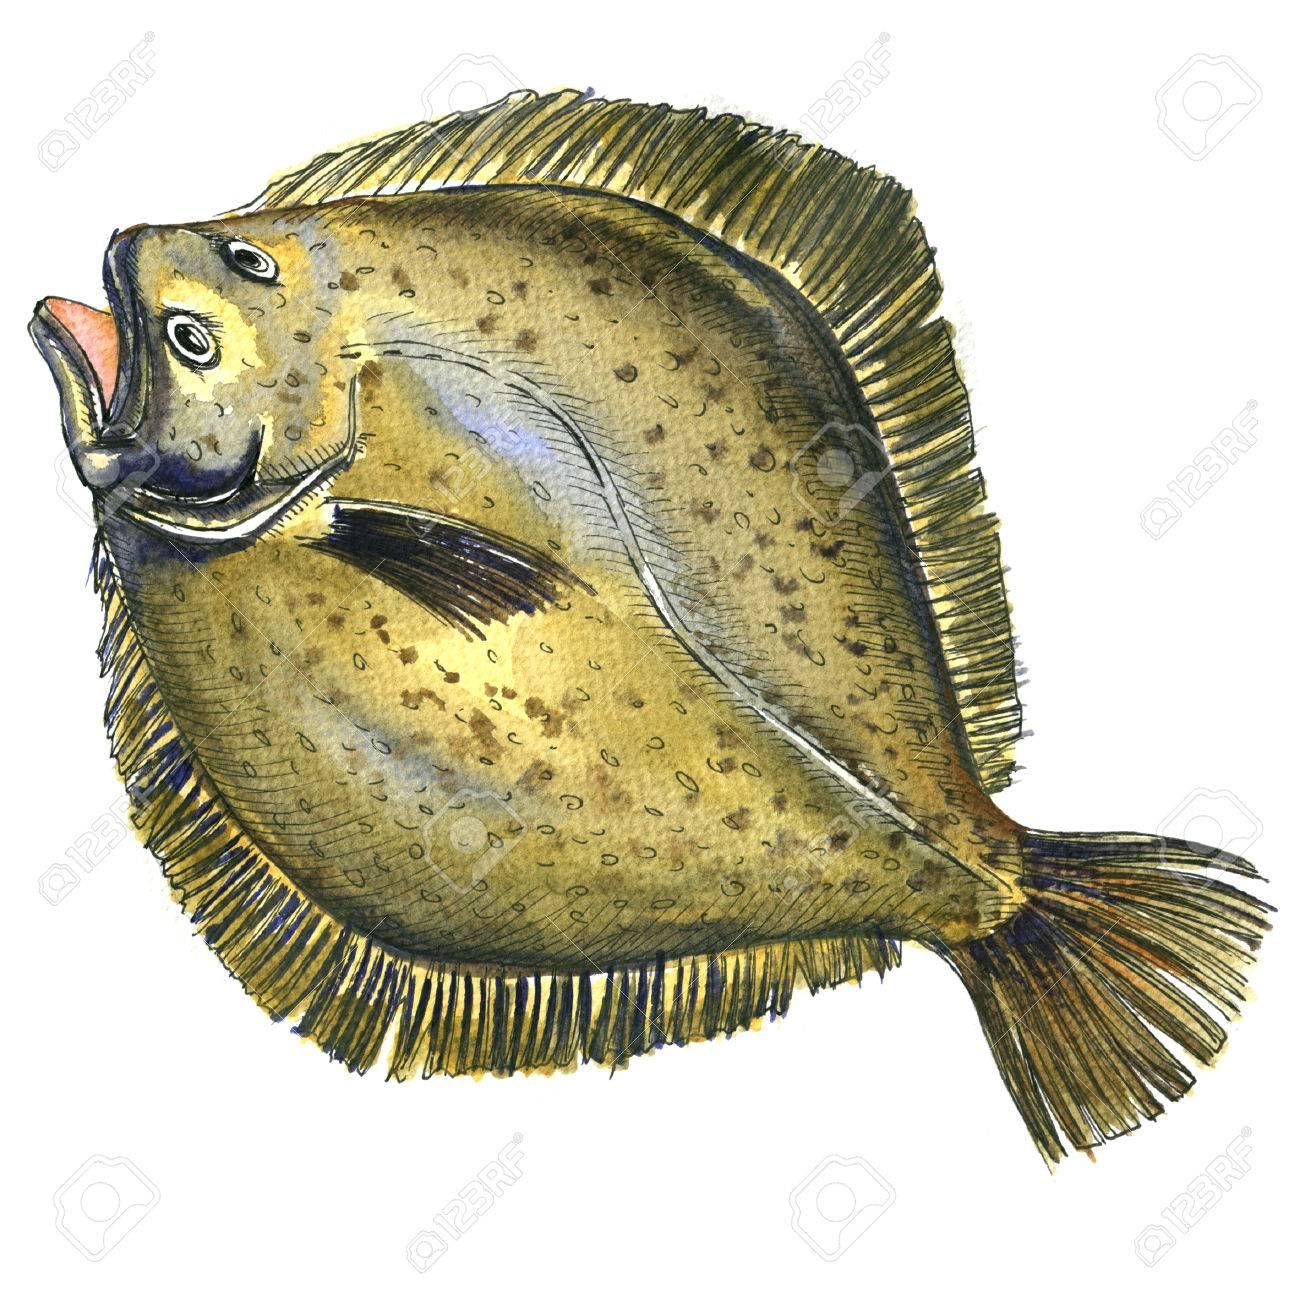 全体の新鮮な生のカレイ魚カレイヒラメ白い背景の分離水彩の